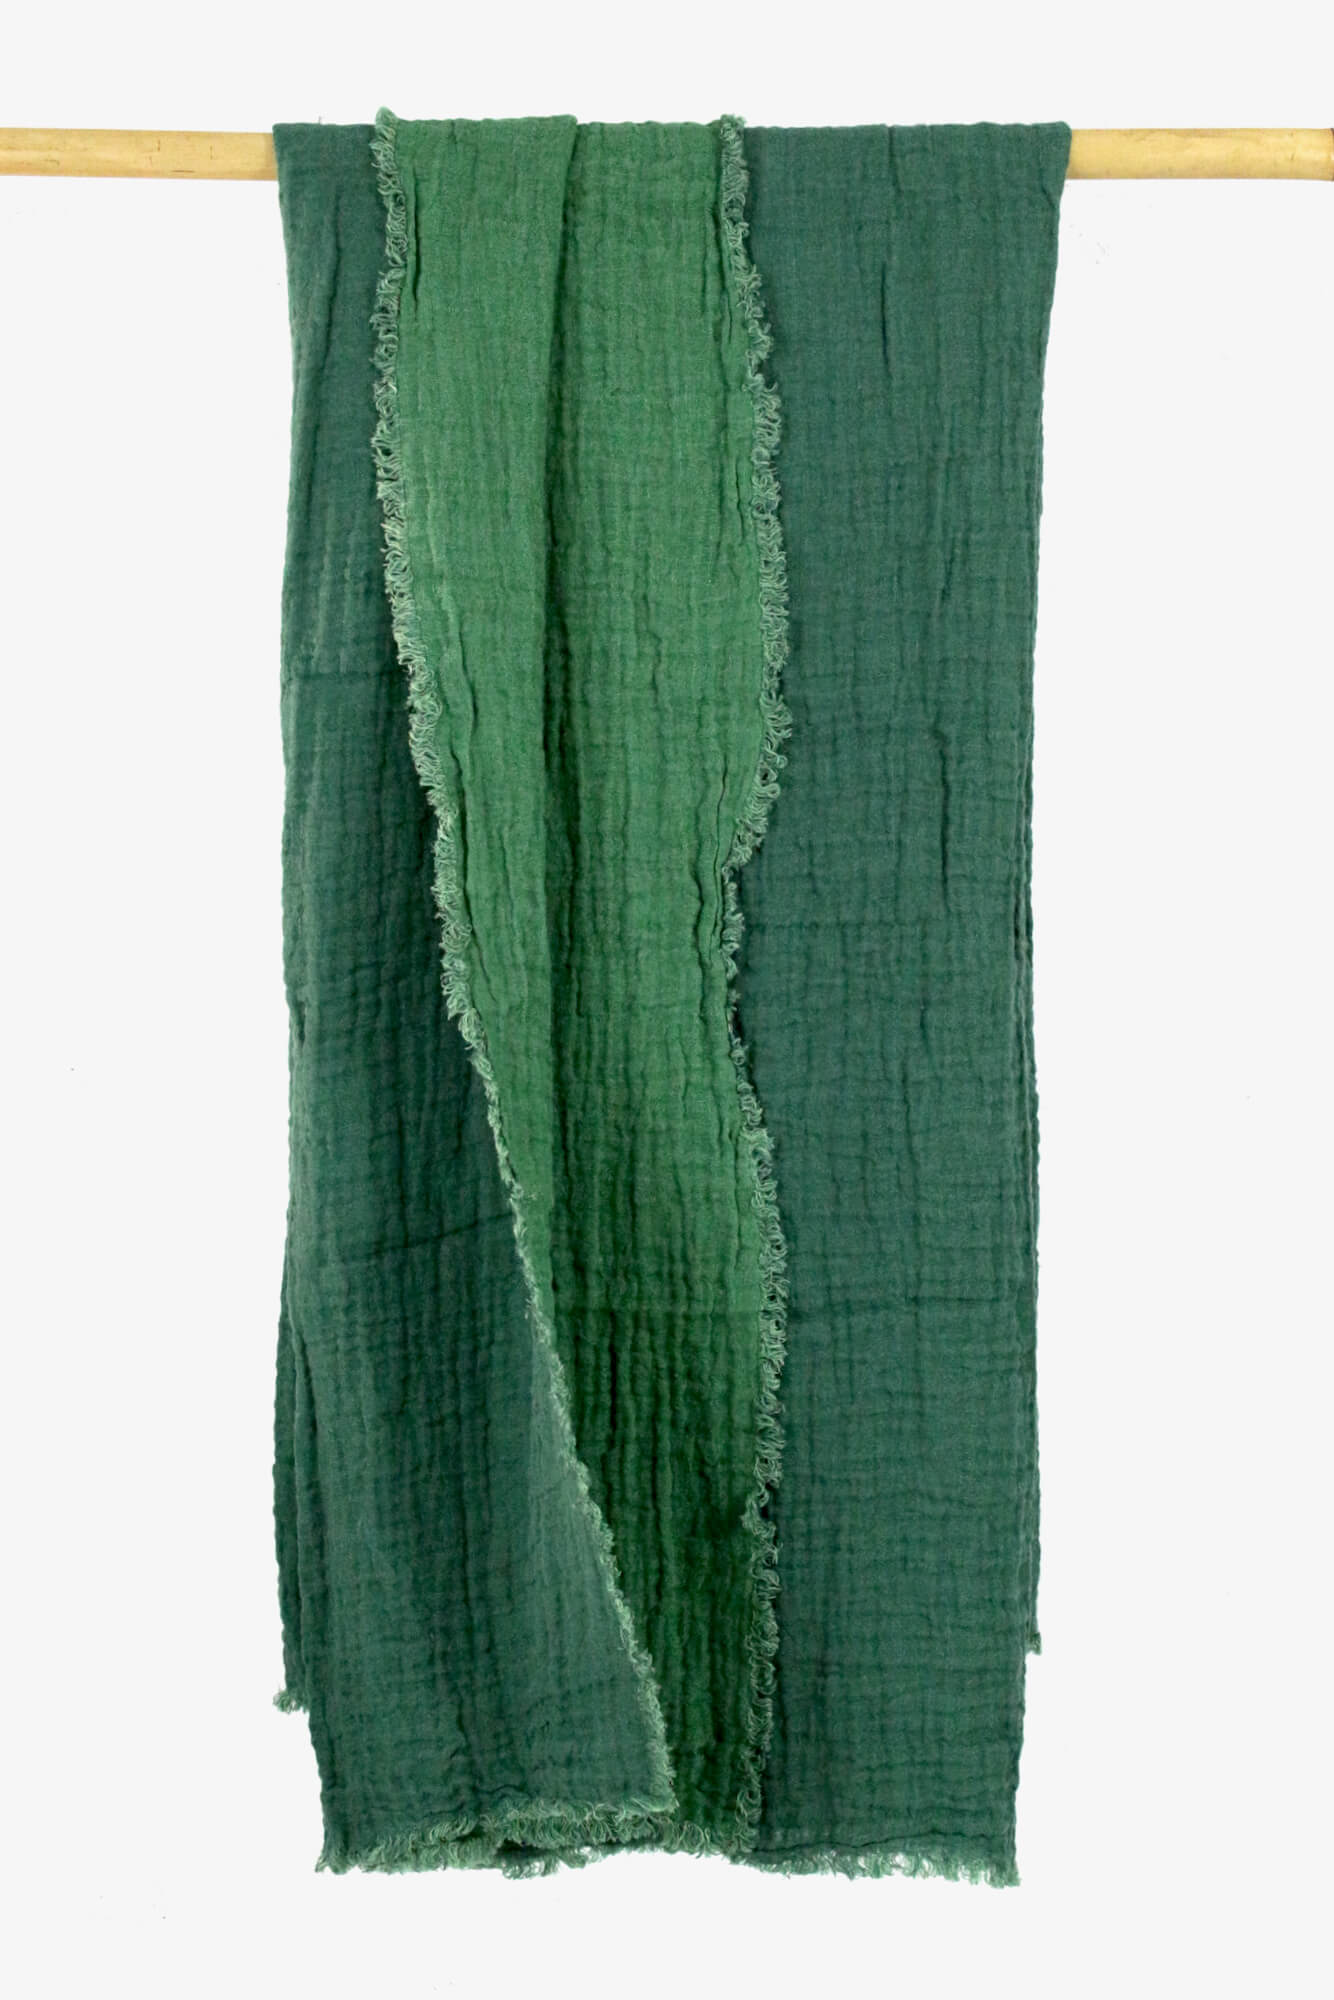 Leinenplaid grün gewaschenes Leinen